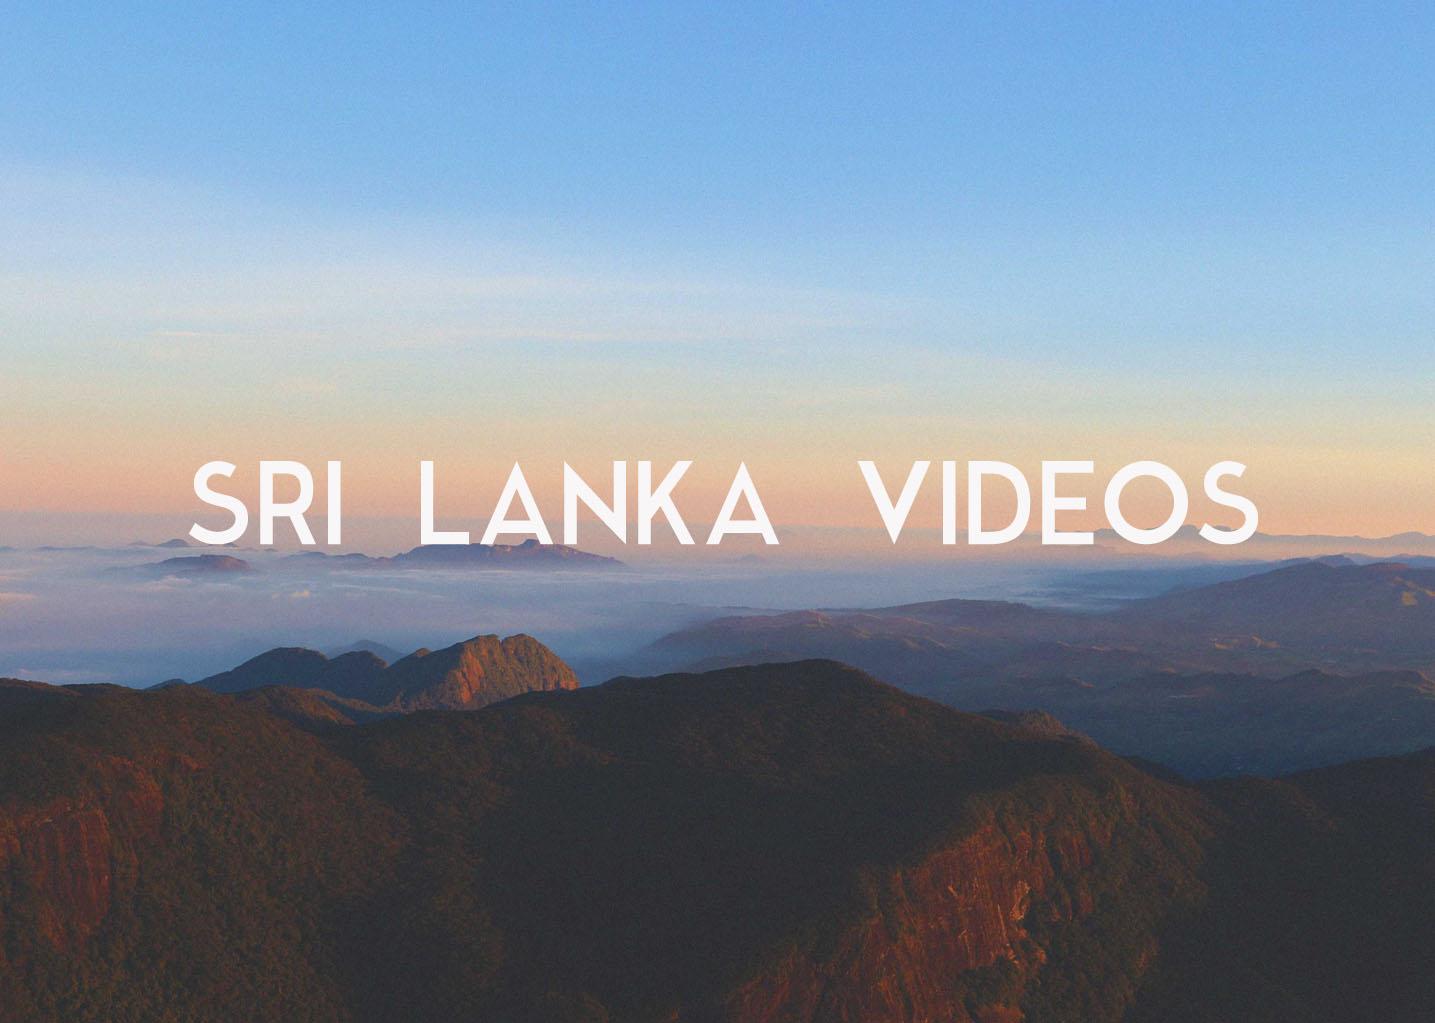 Sri Lanka Videos.jpg